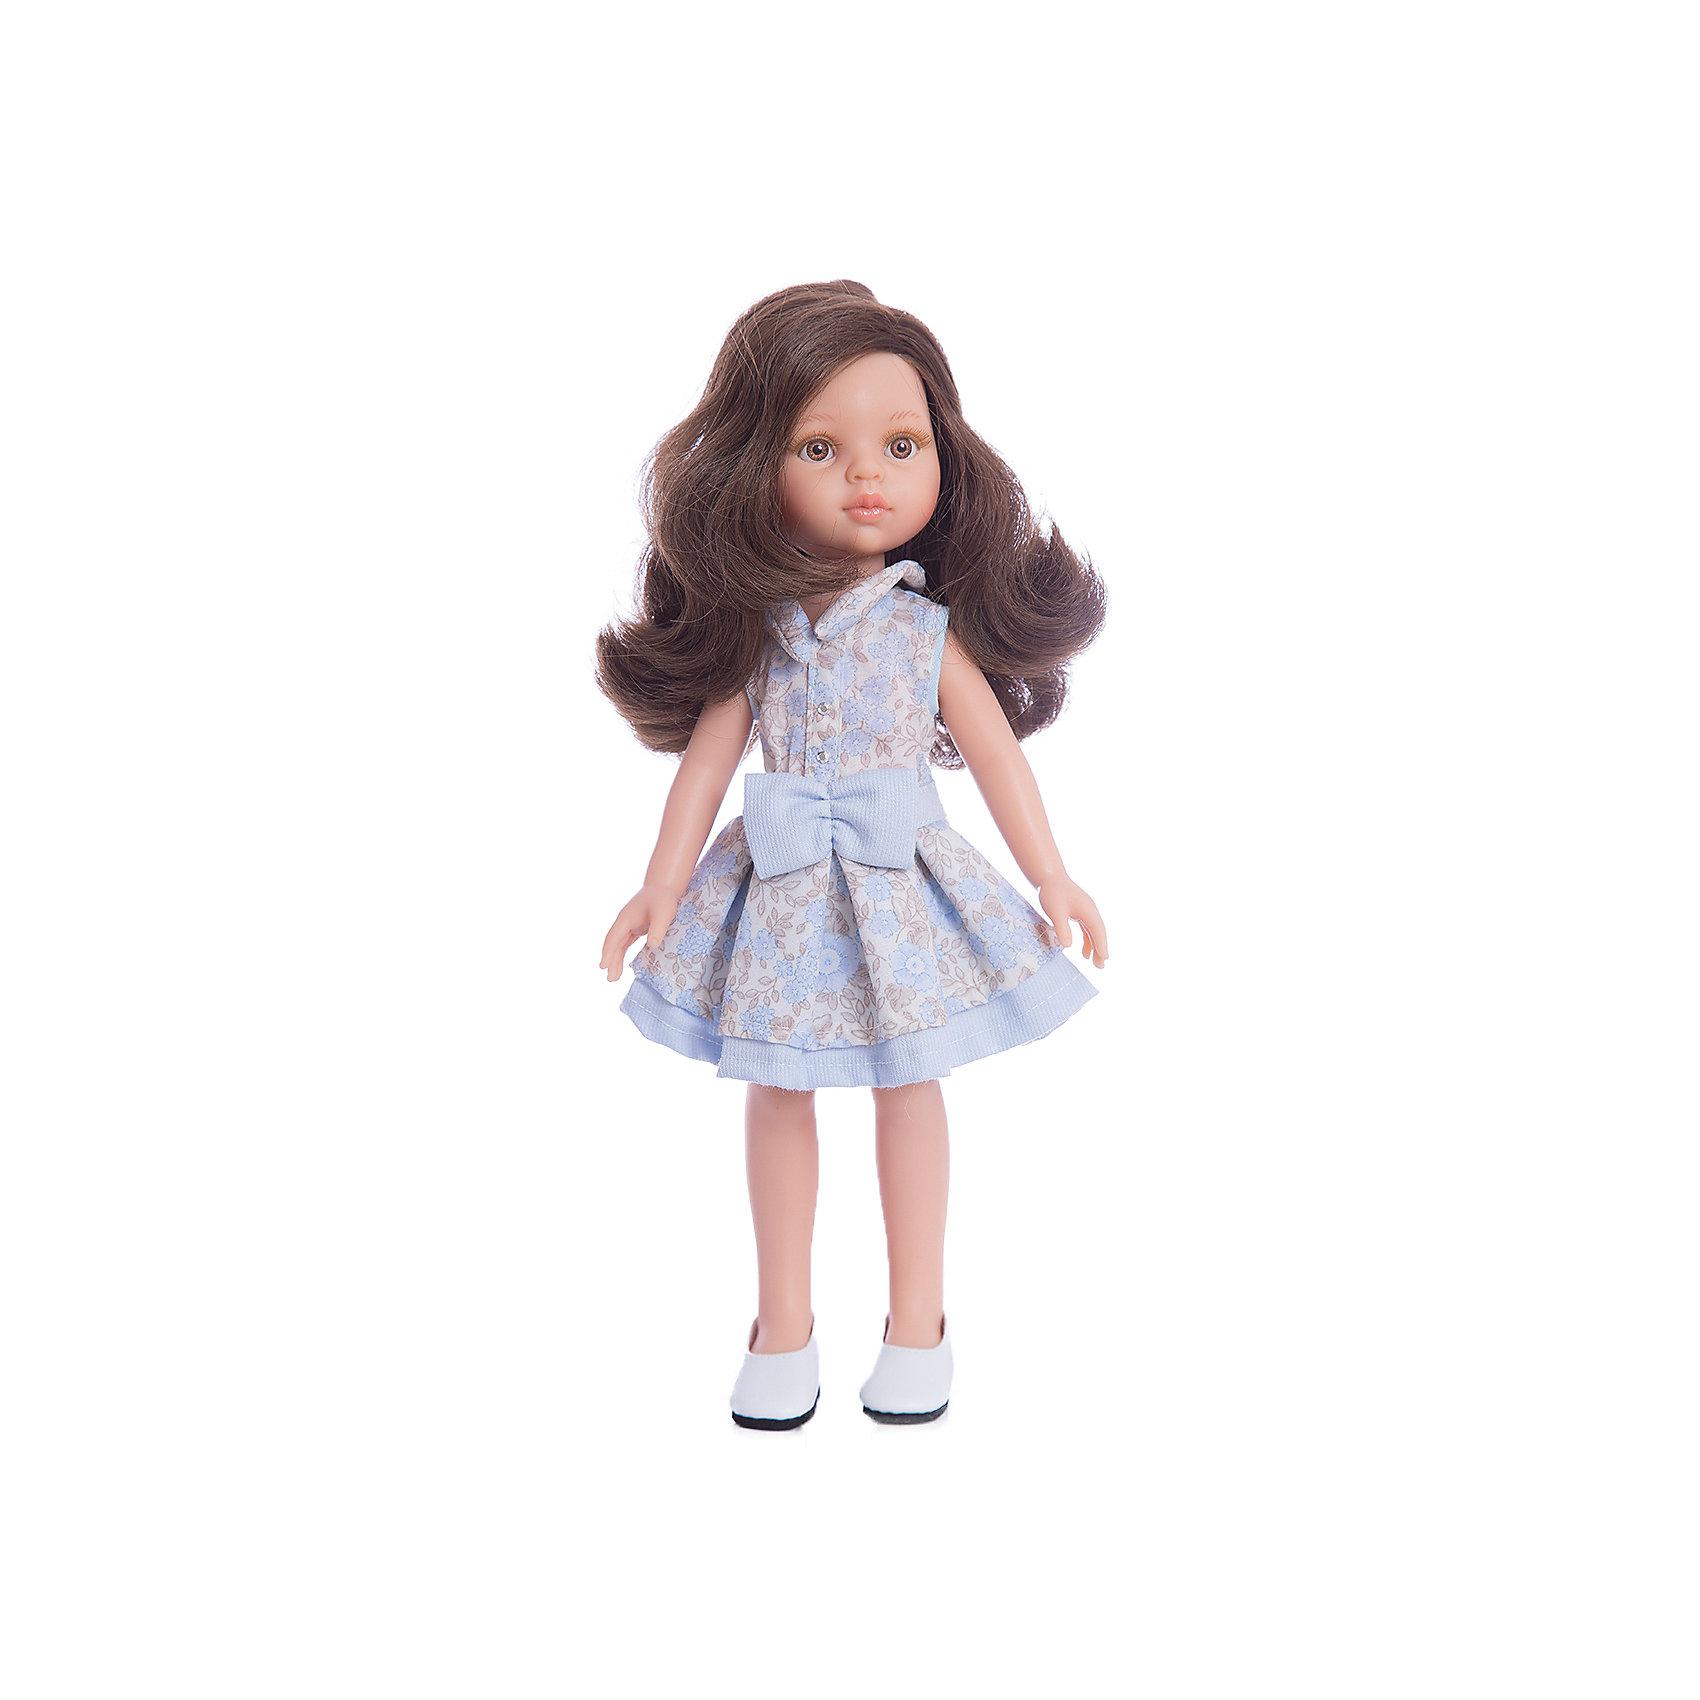 Кукла Кэрол, 32 см, Paola ReinaКлассические куклы<br>Кукла Кэрол, 32 см, Paola Reina.<br><br>Характеристики:<br><br>• Для детей в возрасте: от 3 лет<br>• Высота куклы: 32 см.<br>• Глаза не закрываются<br>• Дизайн одежды и обуви — Светланы Кривец<br>• Материалы: кукла изготовлена из винила; глаза выполнены в виде кристалла из прозрачного твердого пластика; волосы сделаны из высококачественного нейлона; наряд выполнен из качественного текстиля<br>• Упаковка: красивая картонная коробка с окошком<br><br>Кукла Кэрол, Paola Reina - это очаровательная брюнетка, которая станет любимой подружкой для вашей девочки. У куклы густые длинные вьющиеся волосы, выполненные из нейлона высокого качества и надёжно прошитые. Волосы блестят, не запутываются. Ваша девочка с легкостью может расчесывать куклу, мыть ей голову, при этом волосы не портятся и не выпадают. <br><br>Лицо куклы выглядит очень правдоподобно за счет тщательно проработанных черт. Большие карие глаза с длинными ресничками, легкий румянец на щечках, курносый носик и аккуратные губки – Кэрол завораживает. Глаза куклы не закрываются. <br><br>Кэрол одета очень красиво и стильно: на ней пышное платье в коричнево-голубых тонах с цветочным принтом, украшенное голубым бантом, а дополняют образ модницы стильные туфельки на платформе. Все швы на одежде тщательно обработаны. Одежду можно снимать. <br><br>Кукла имеет пропорциональное телосложение. Голова, руки и ноги подвижны. Тело куклы выполнено из приятного на ощупь нежного бархатистого высококачественного винила, который имеет лёгкий аромат ванили. <br><br>Материалы, из которых изготовлена кукла, прошли все необходимые проверки на безопасность для детей. Качество подтверждено нормами безопасности EN71 ЕЭС.<br><br>Куклу Кэрол, 32 см, Paola Reina можно купить в нашем интернет-магазине.<br><br>Ширина мм: 375<br>Глубина мм: 175<br>Высота мм: 105<br>Вес г: 625<br>Возраст от месяцев: 36<br>Возраст до месяцев: 144<br>Пол: Женский<br>Возраст: Детский<br>SKU: 6671052